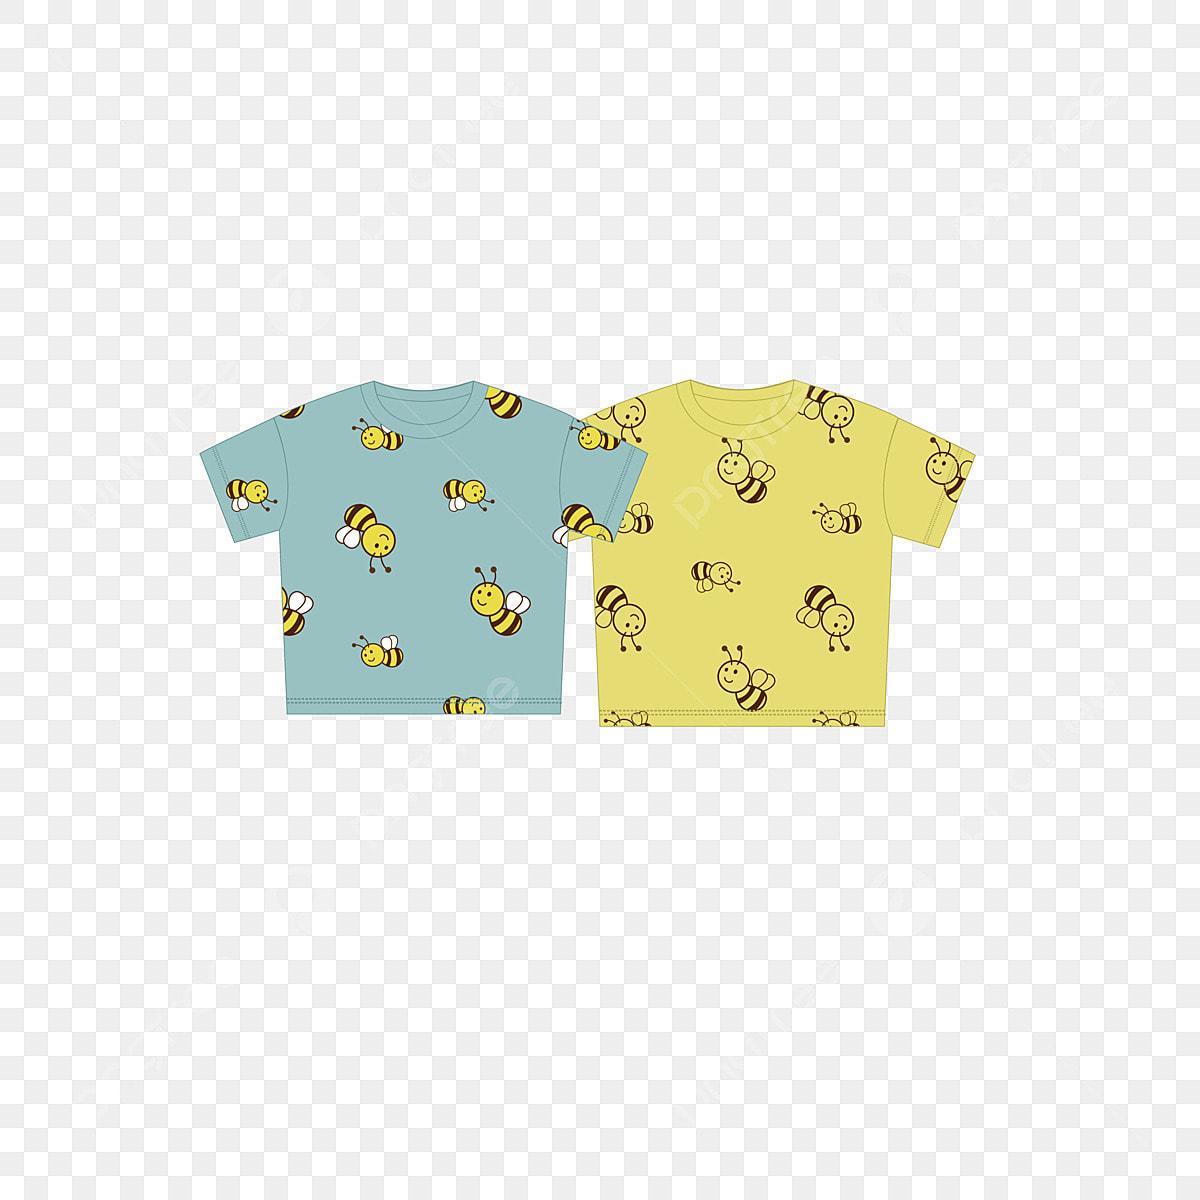 6356514f1 ملابس الأطفال ملابس صيفية للأطفال الديكور نمط الكرتون تي شيرت قصير الأكمام  للأطفال حر PNG و سهم التوجيه